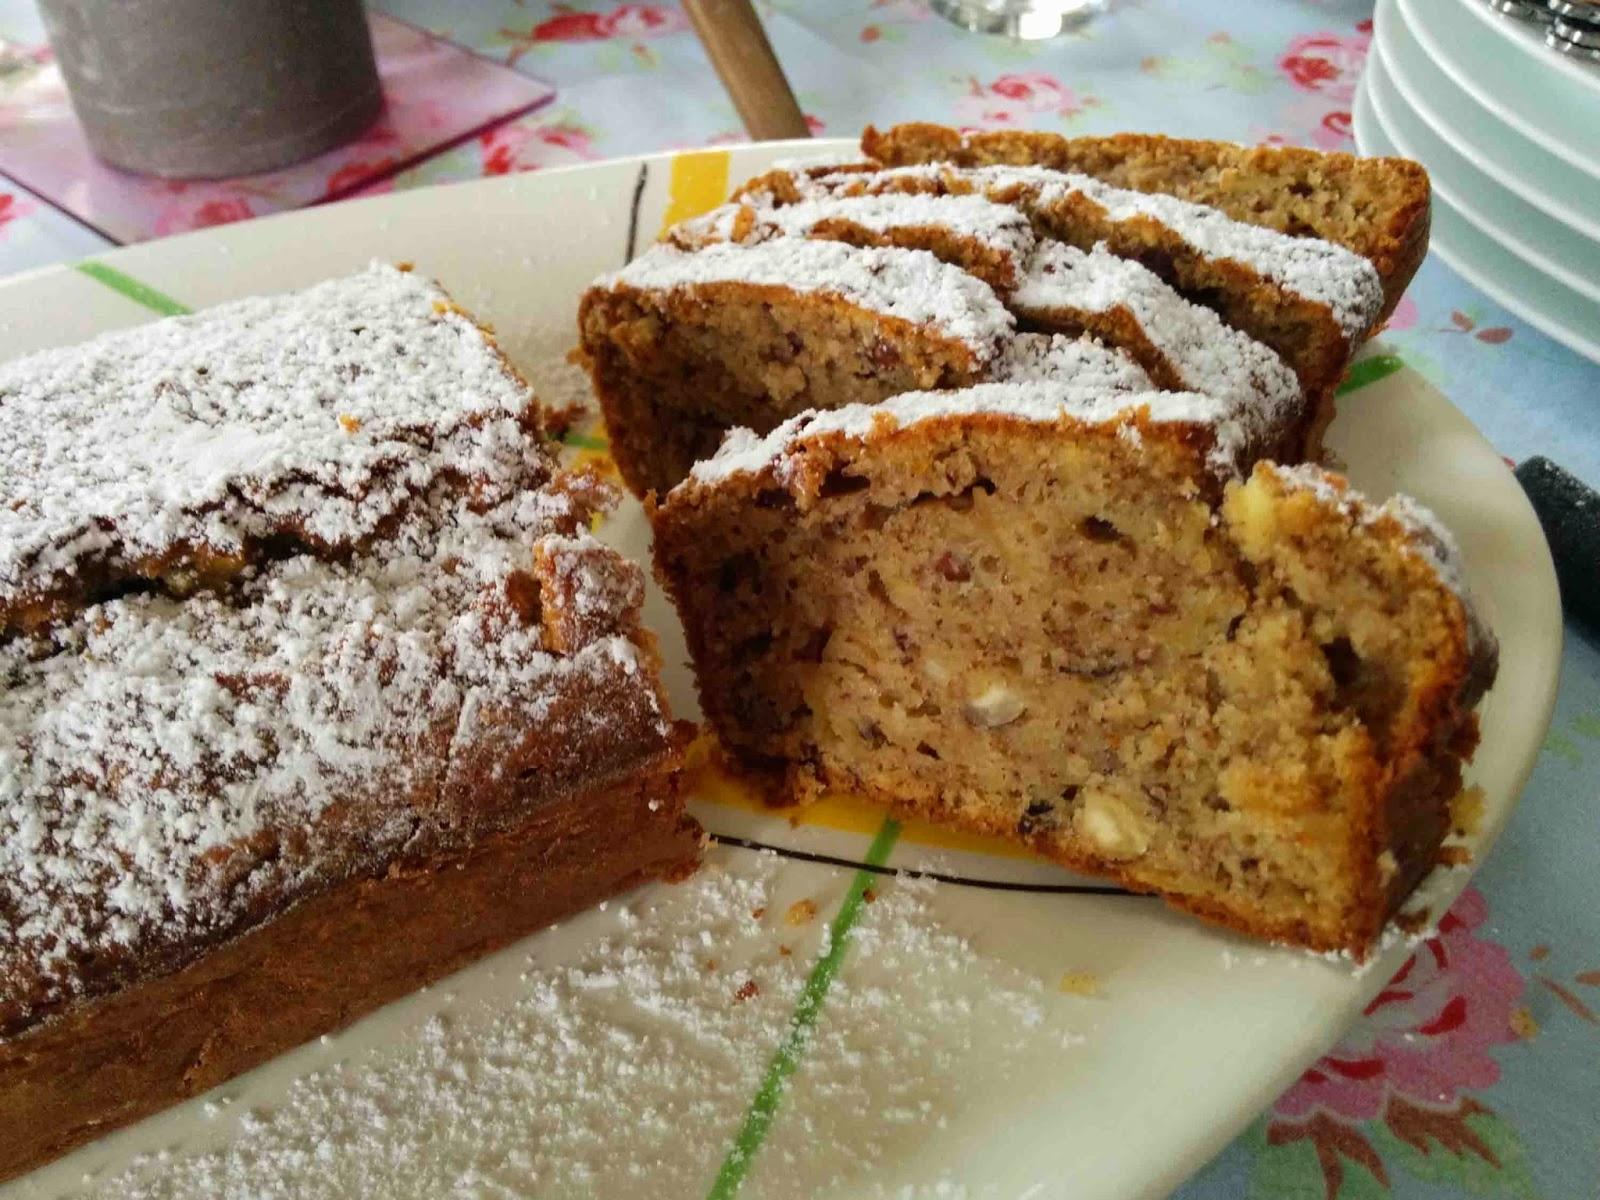 Cake aux pommes, sirop d'érable et noisettes